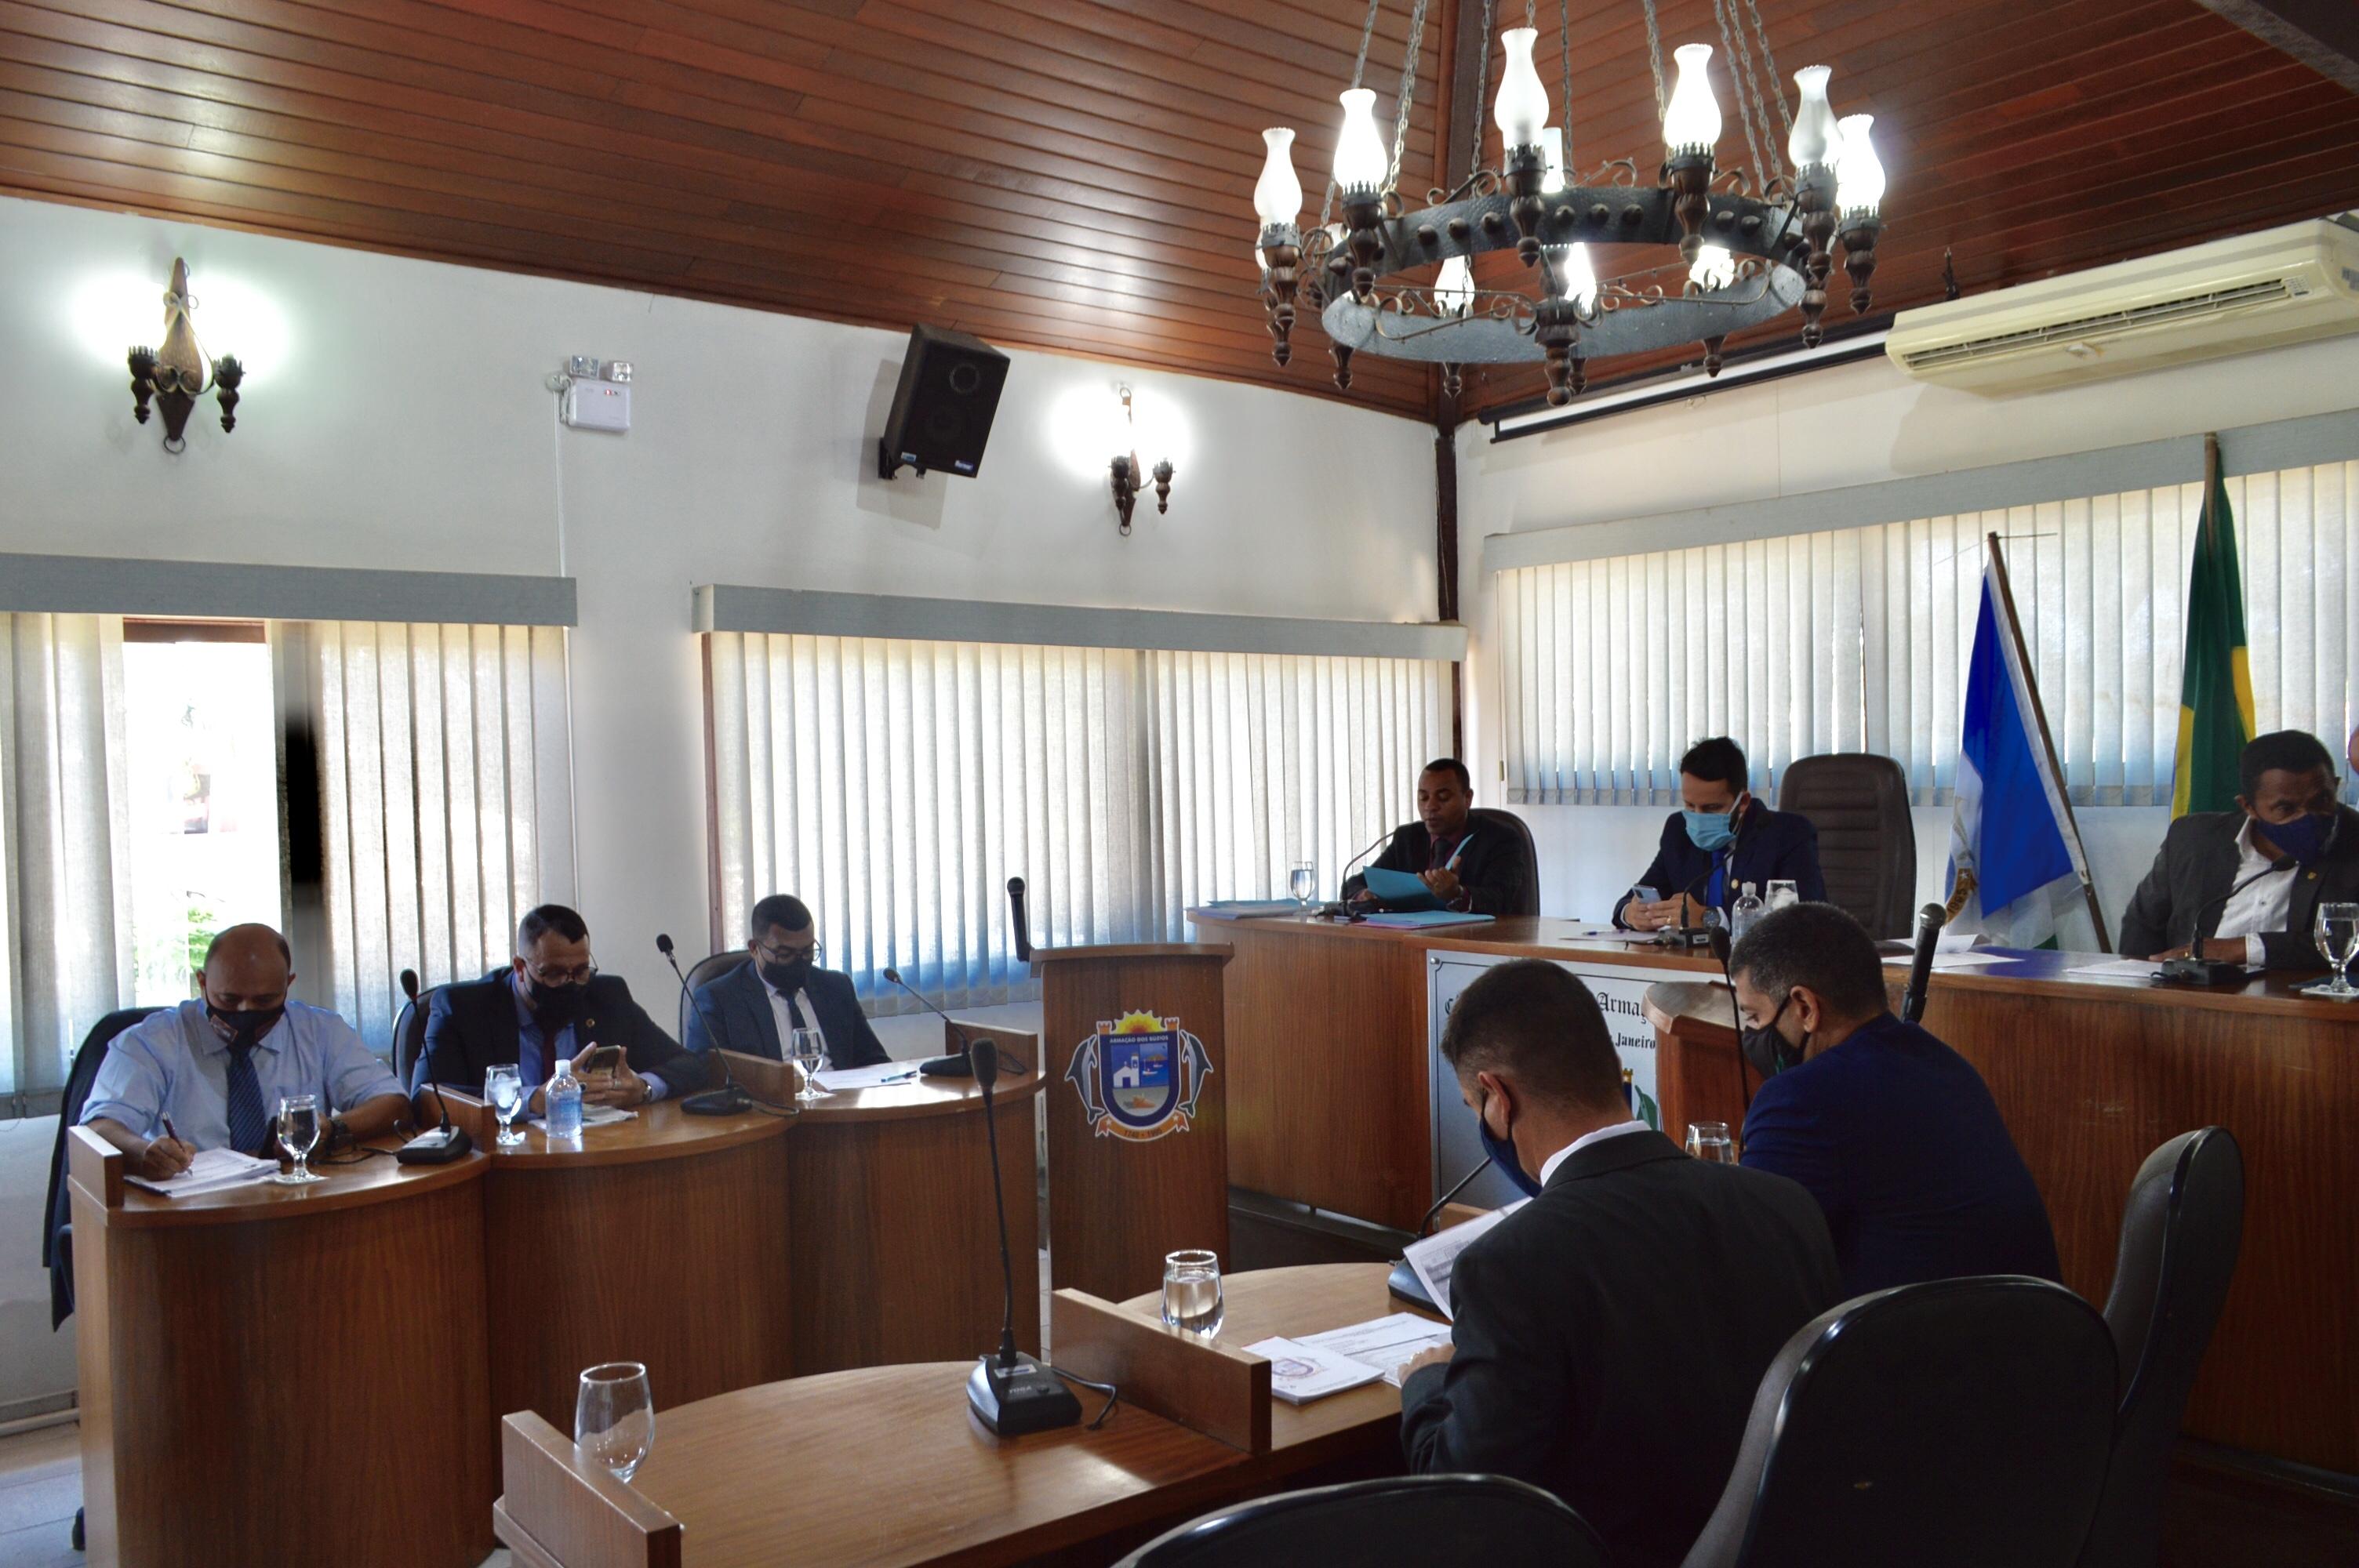 PLC Visa Suspender Término da Vigência do Programa de Recuperação Fiscal